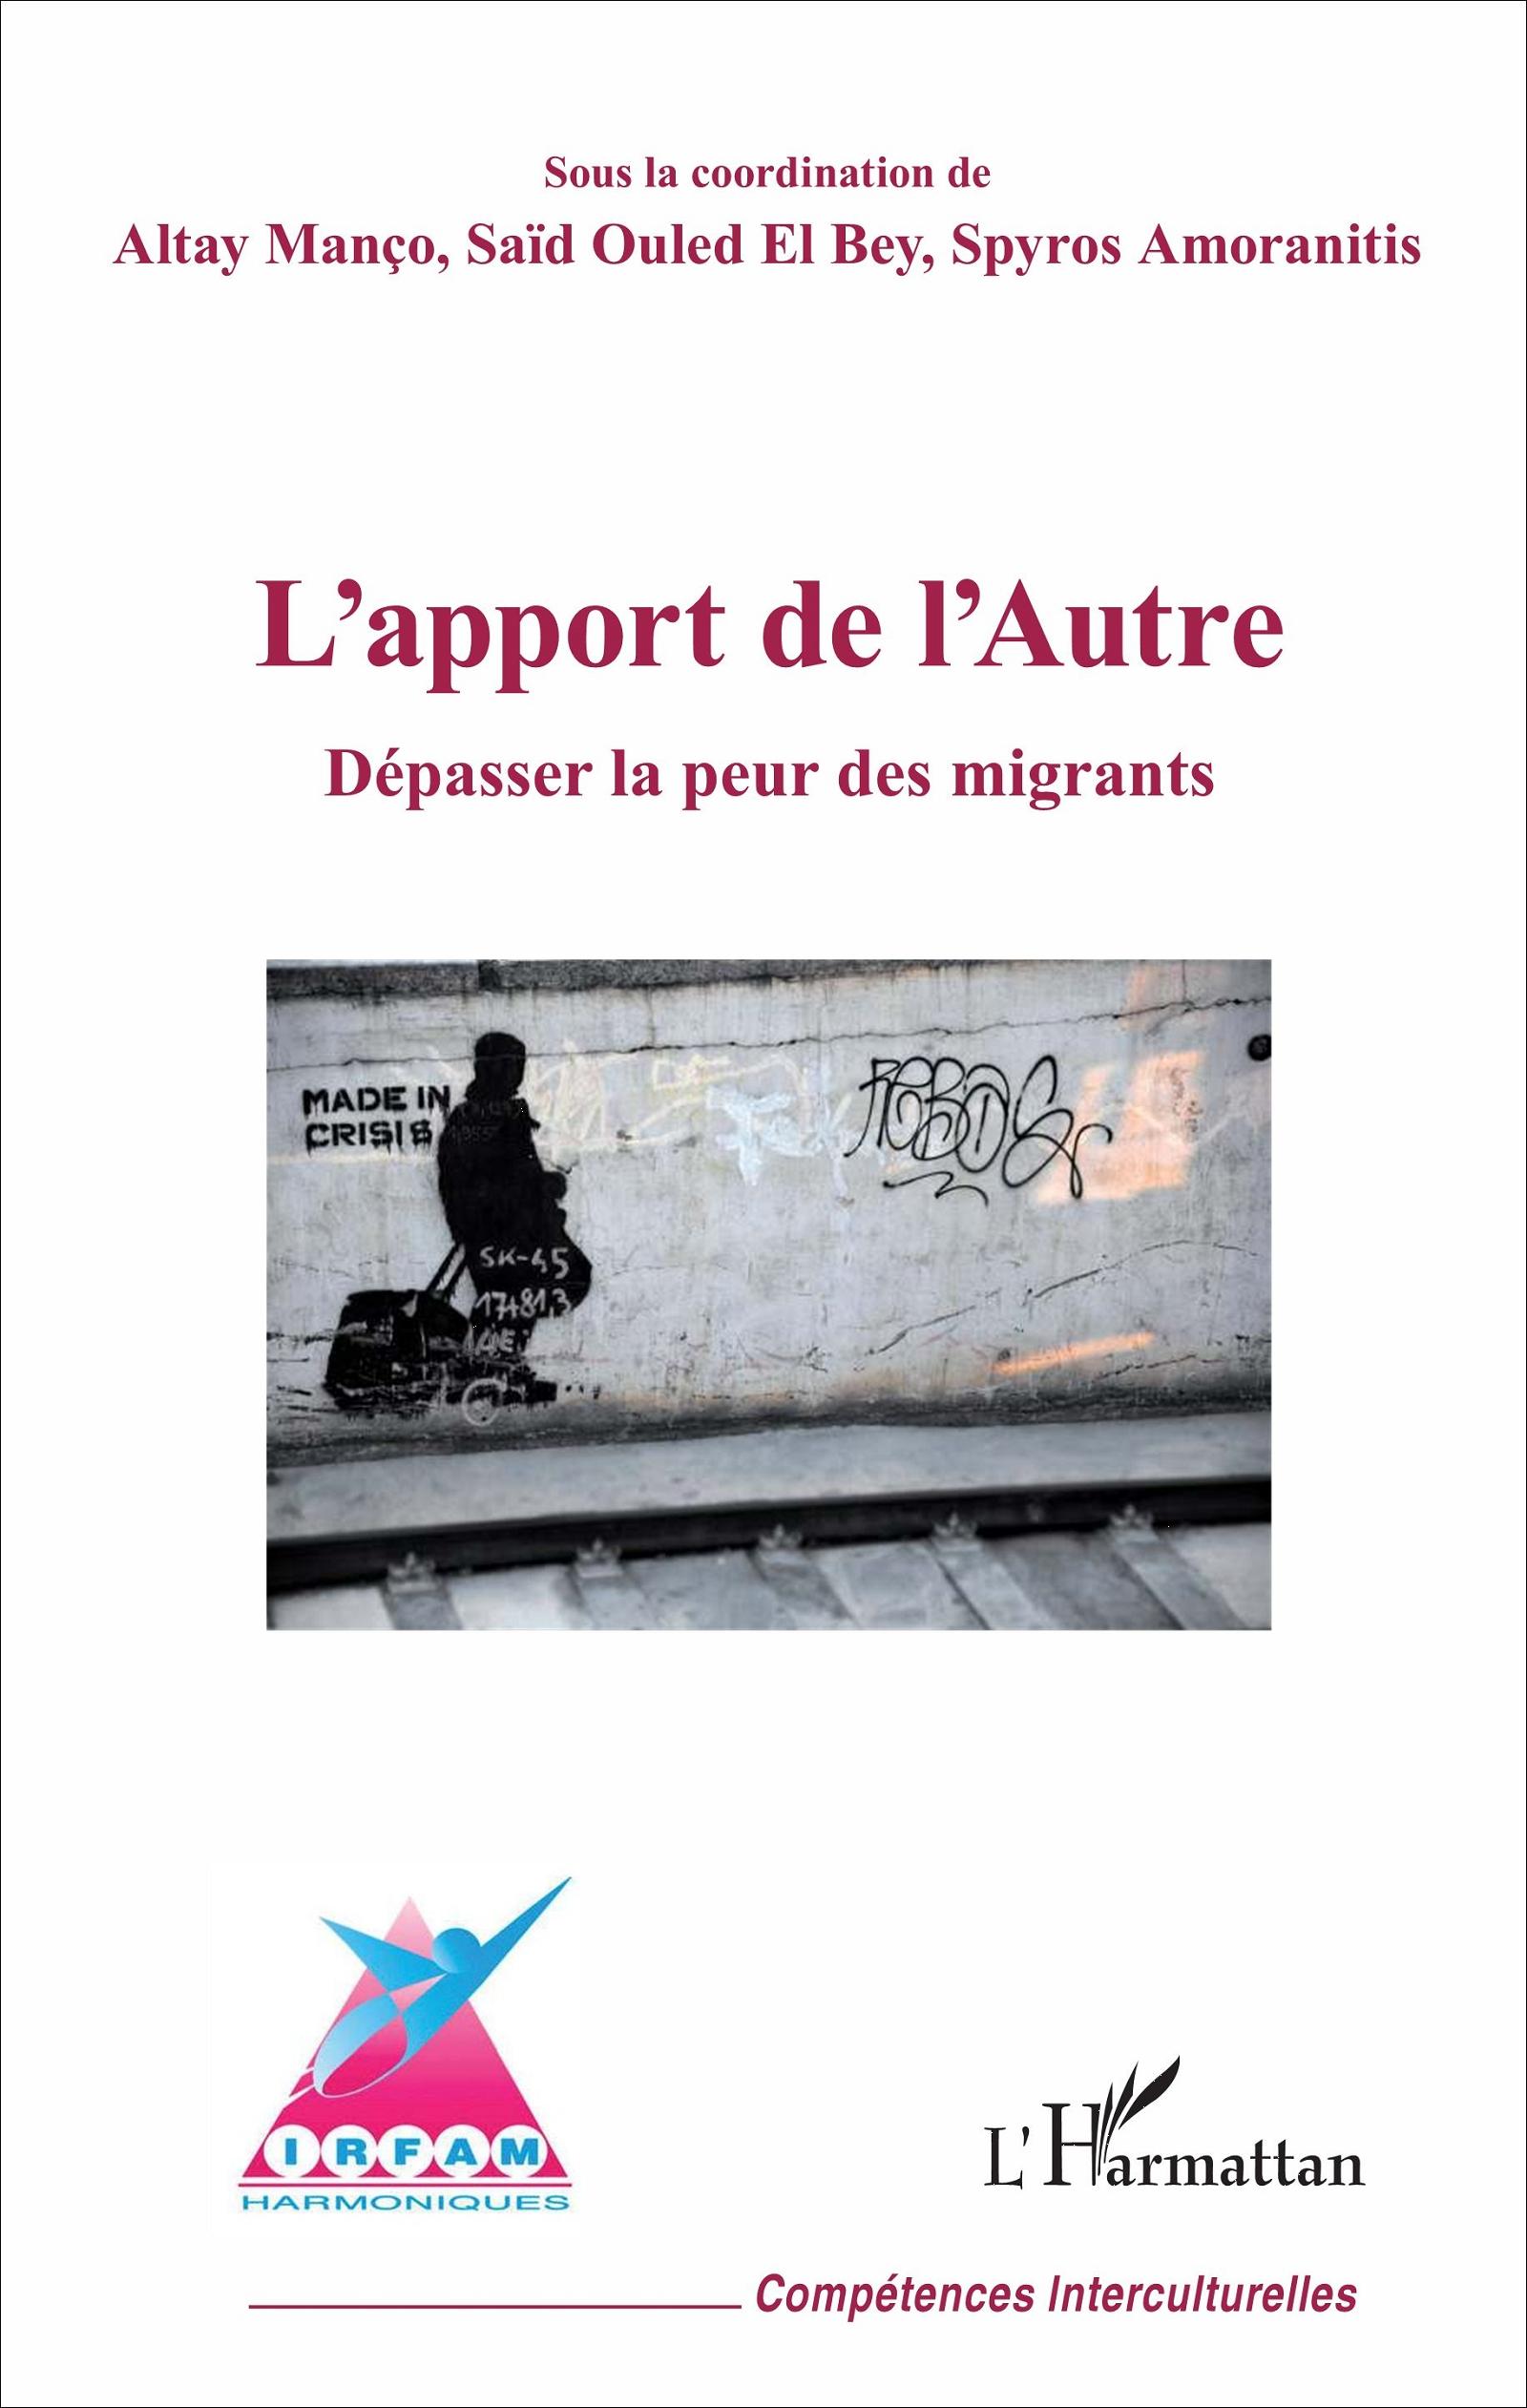 """Résultat de recherche d'images pour """"L'apport de l'autre. Dépasser la peur des migrants, sous la coordination de Altay Manço, Saïd Ouled E"""""""